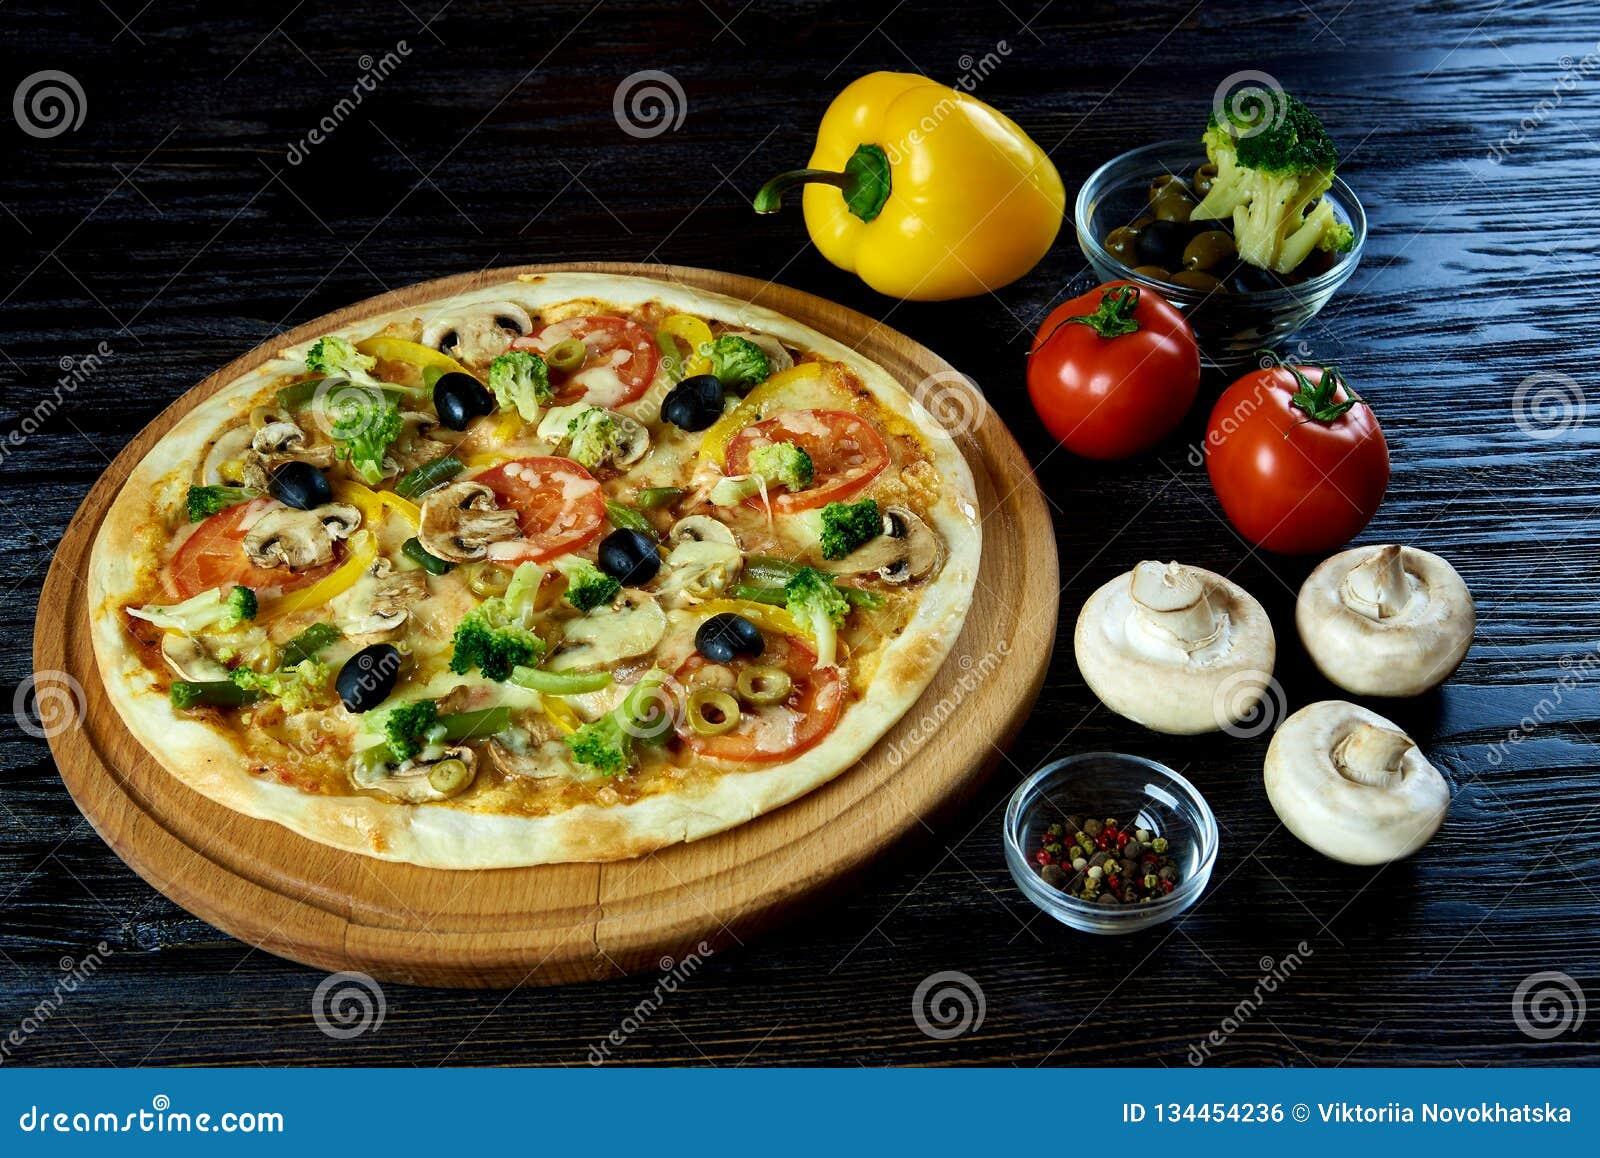 Gorąca pizza jest wegetarianką